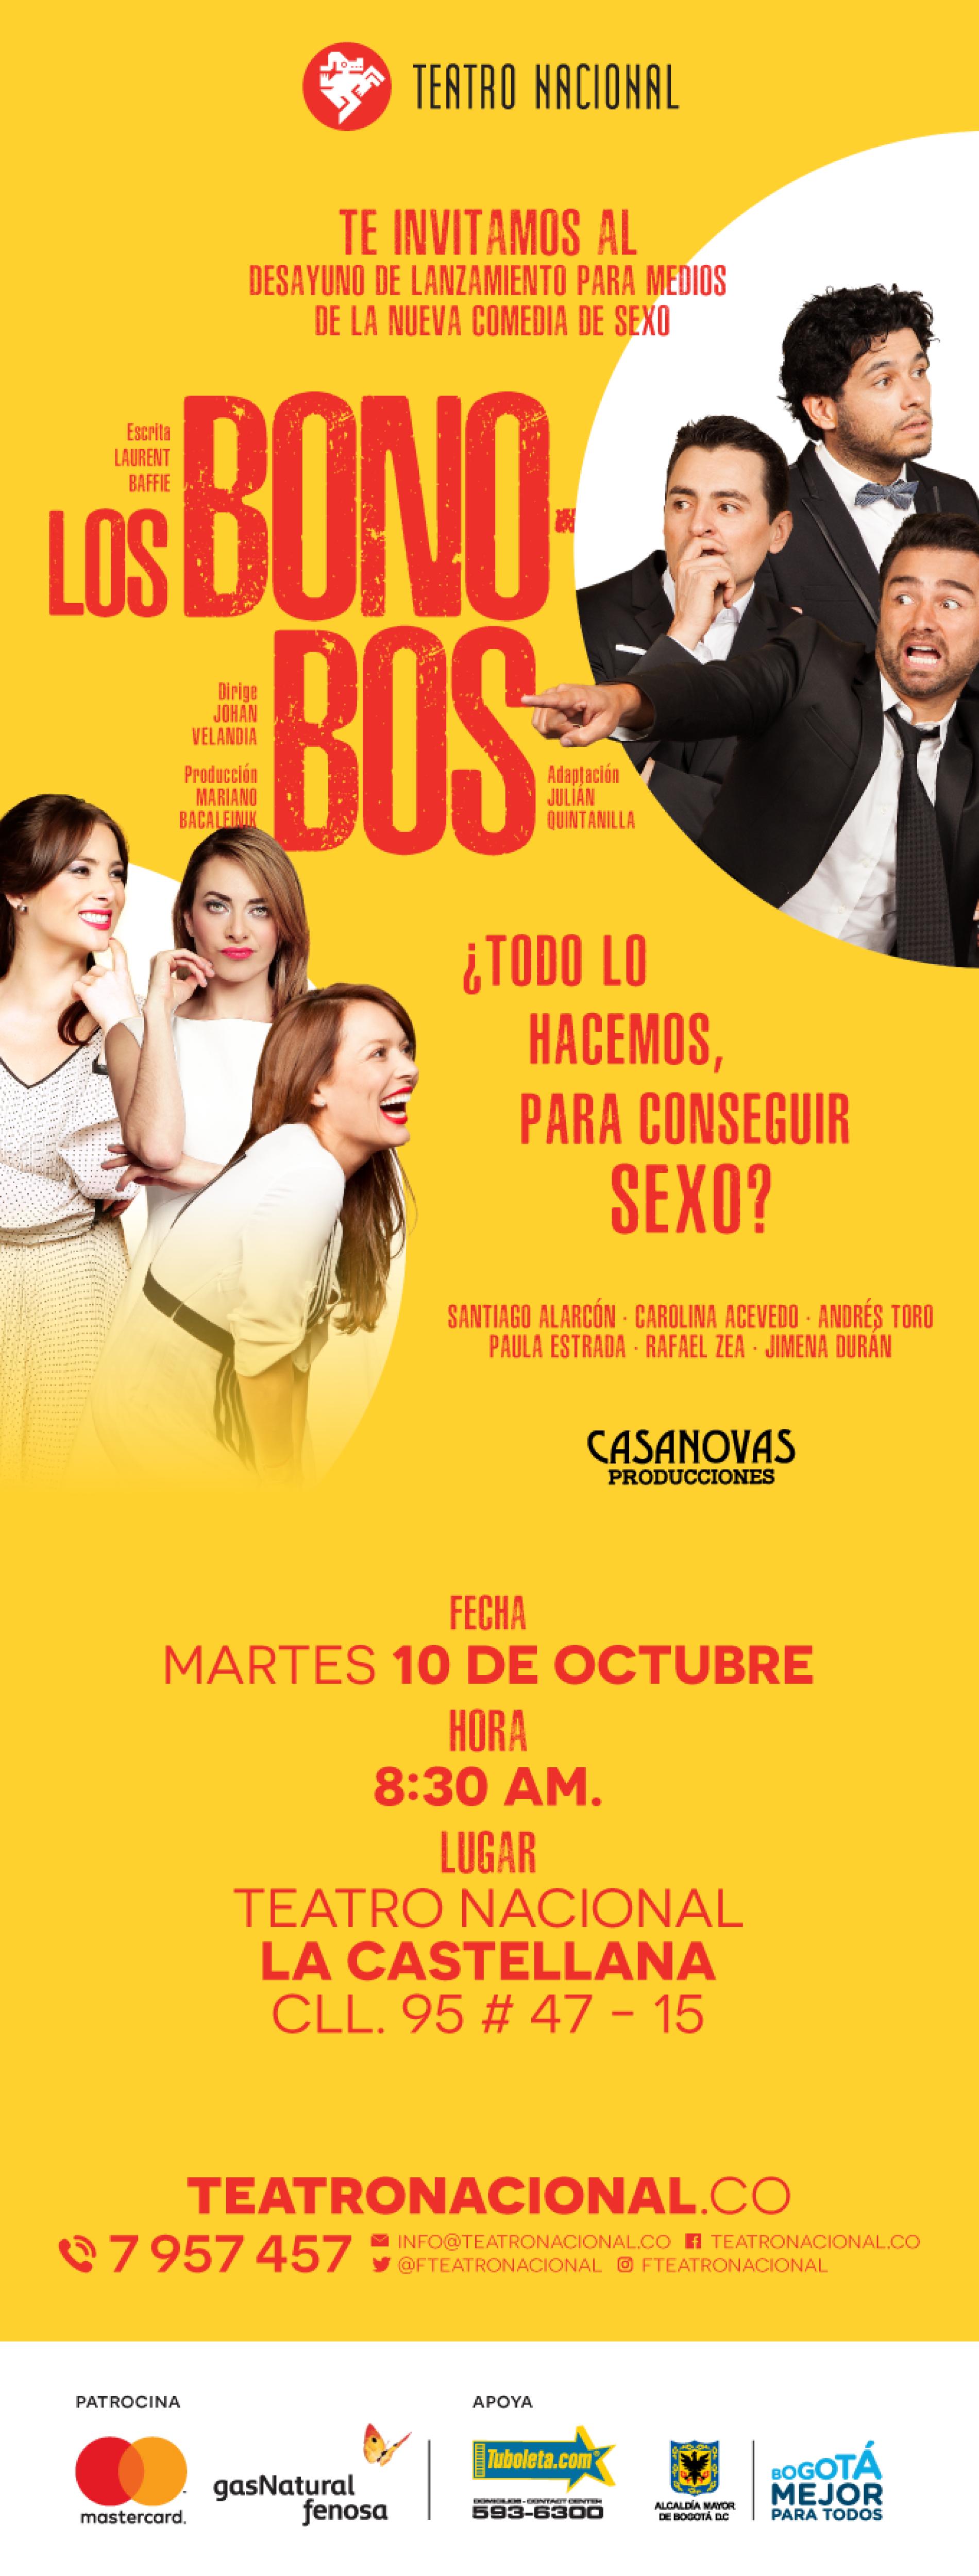 LOS BONOBOS, el estreno del Teatro Nacional